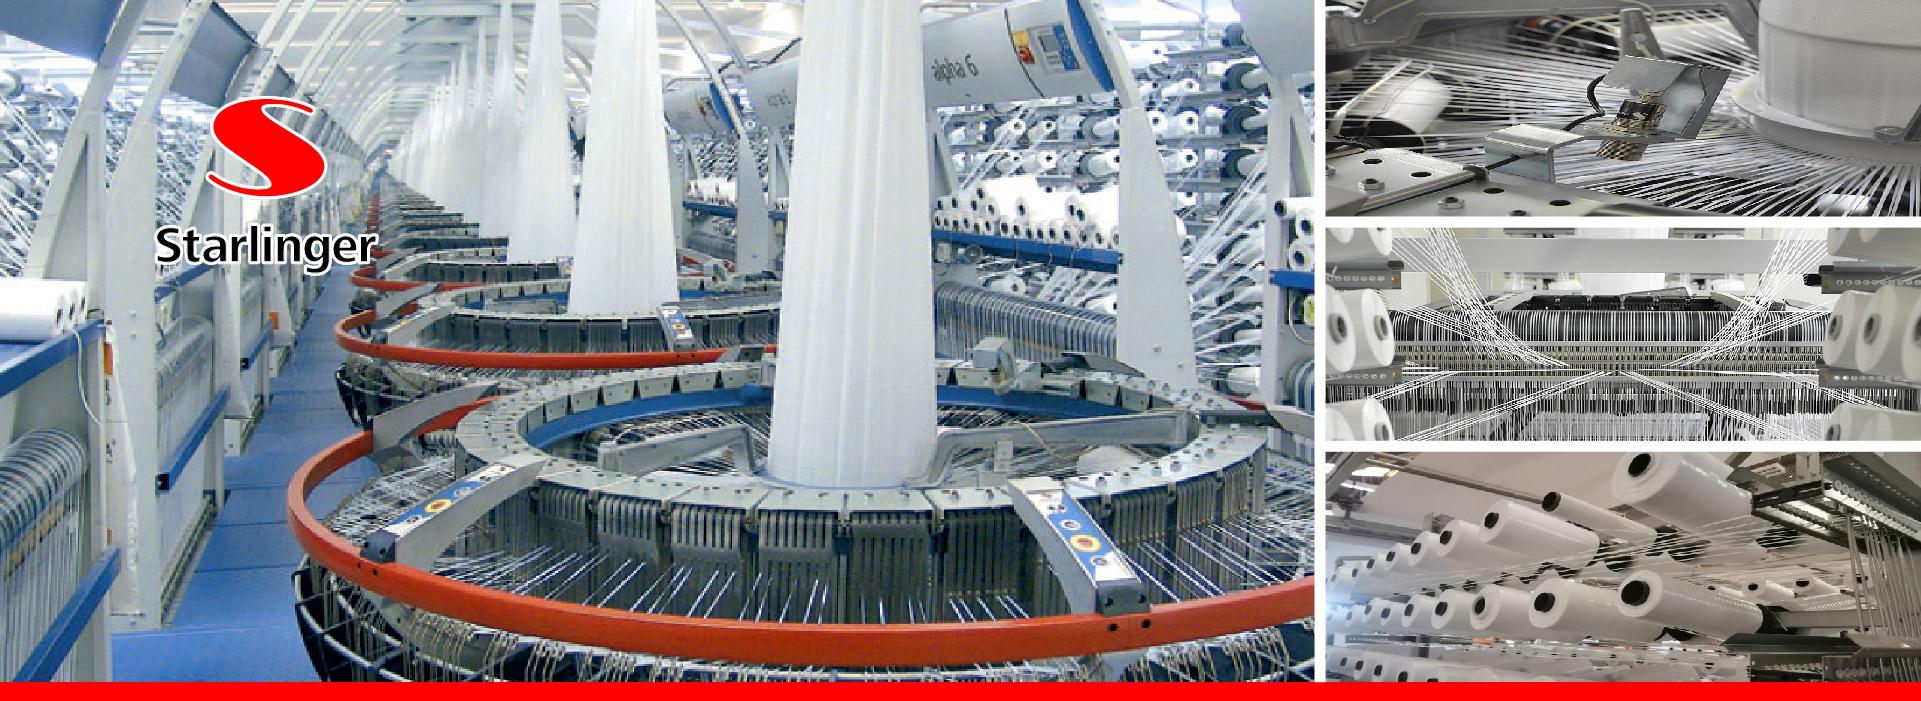 tecnologia-embolpack-fabrica-bolivia